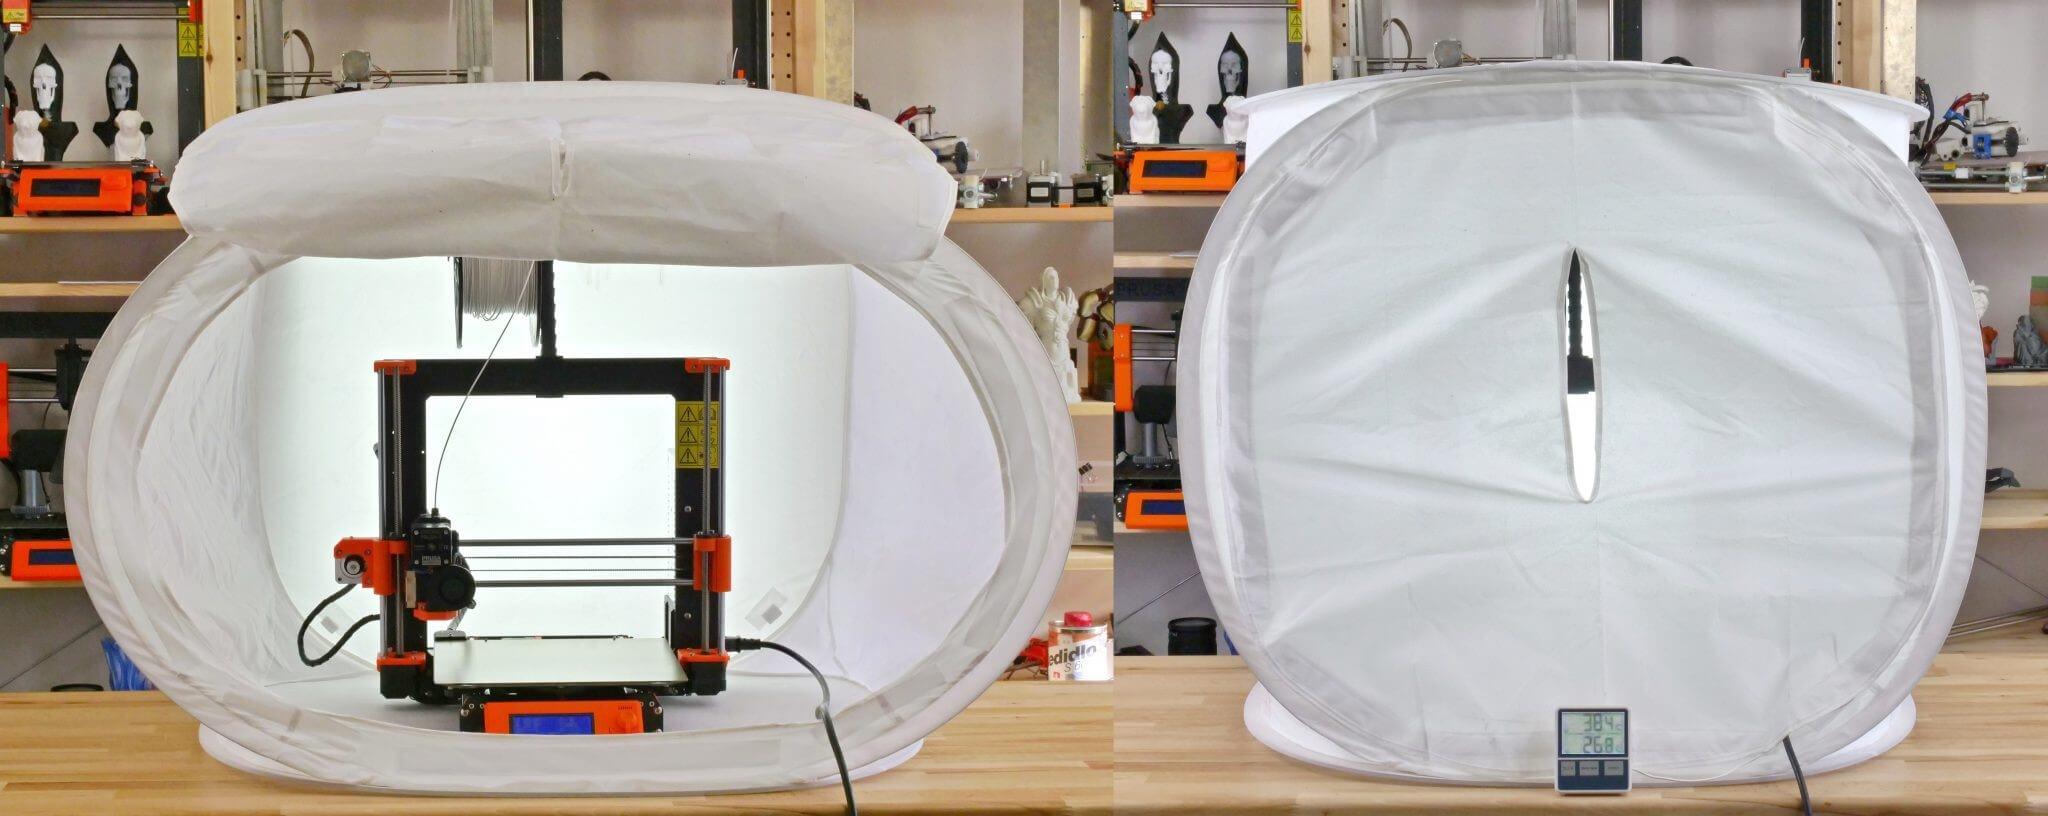 قرار دادن یک پرینتر سه بعدی رومیزی در داخل جعبه گرم که ممکن است باعث آسیب به اجزای پرینتر سه بعدی نیز بشود